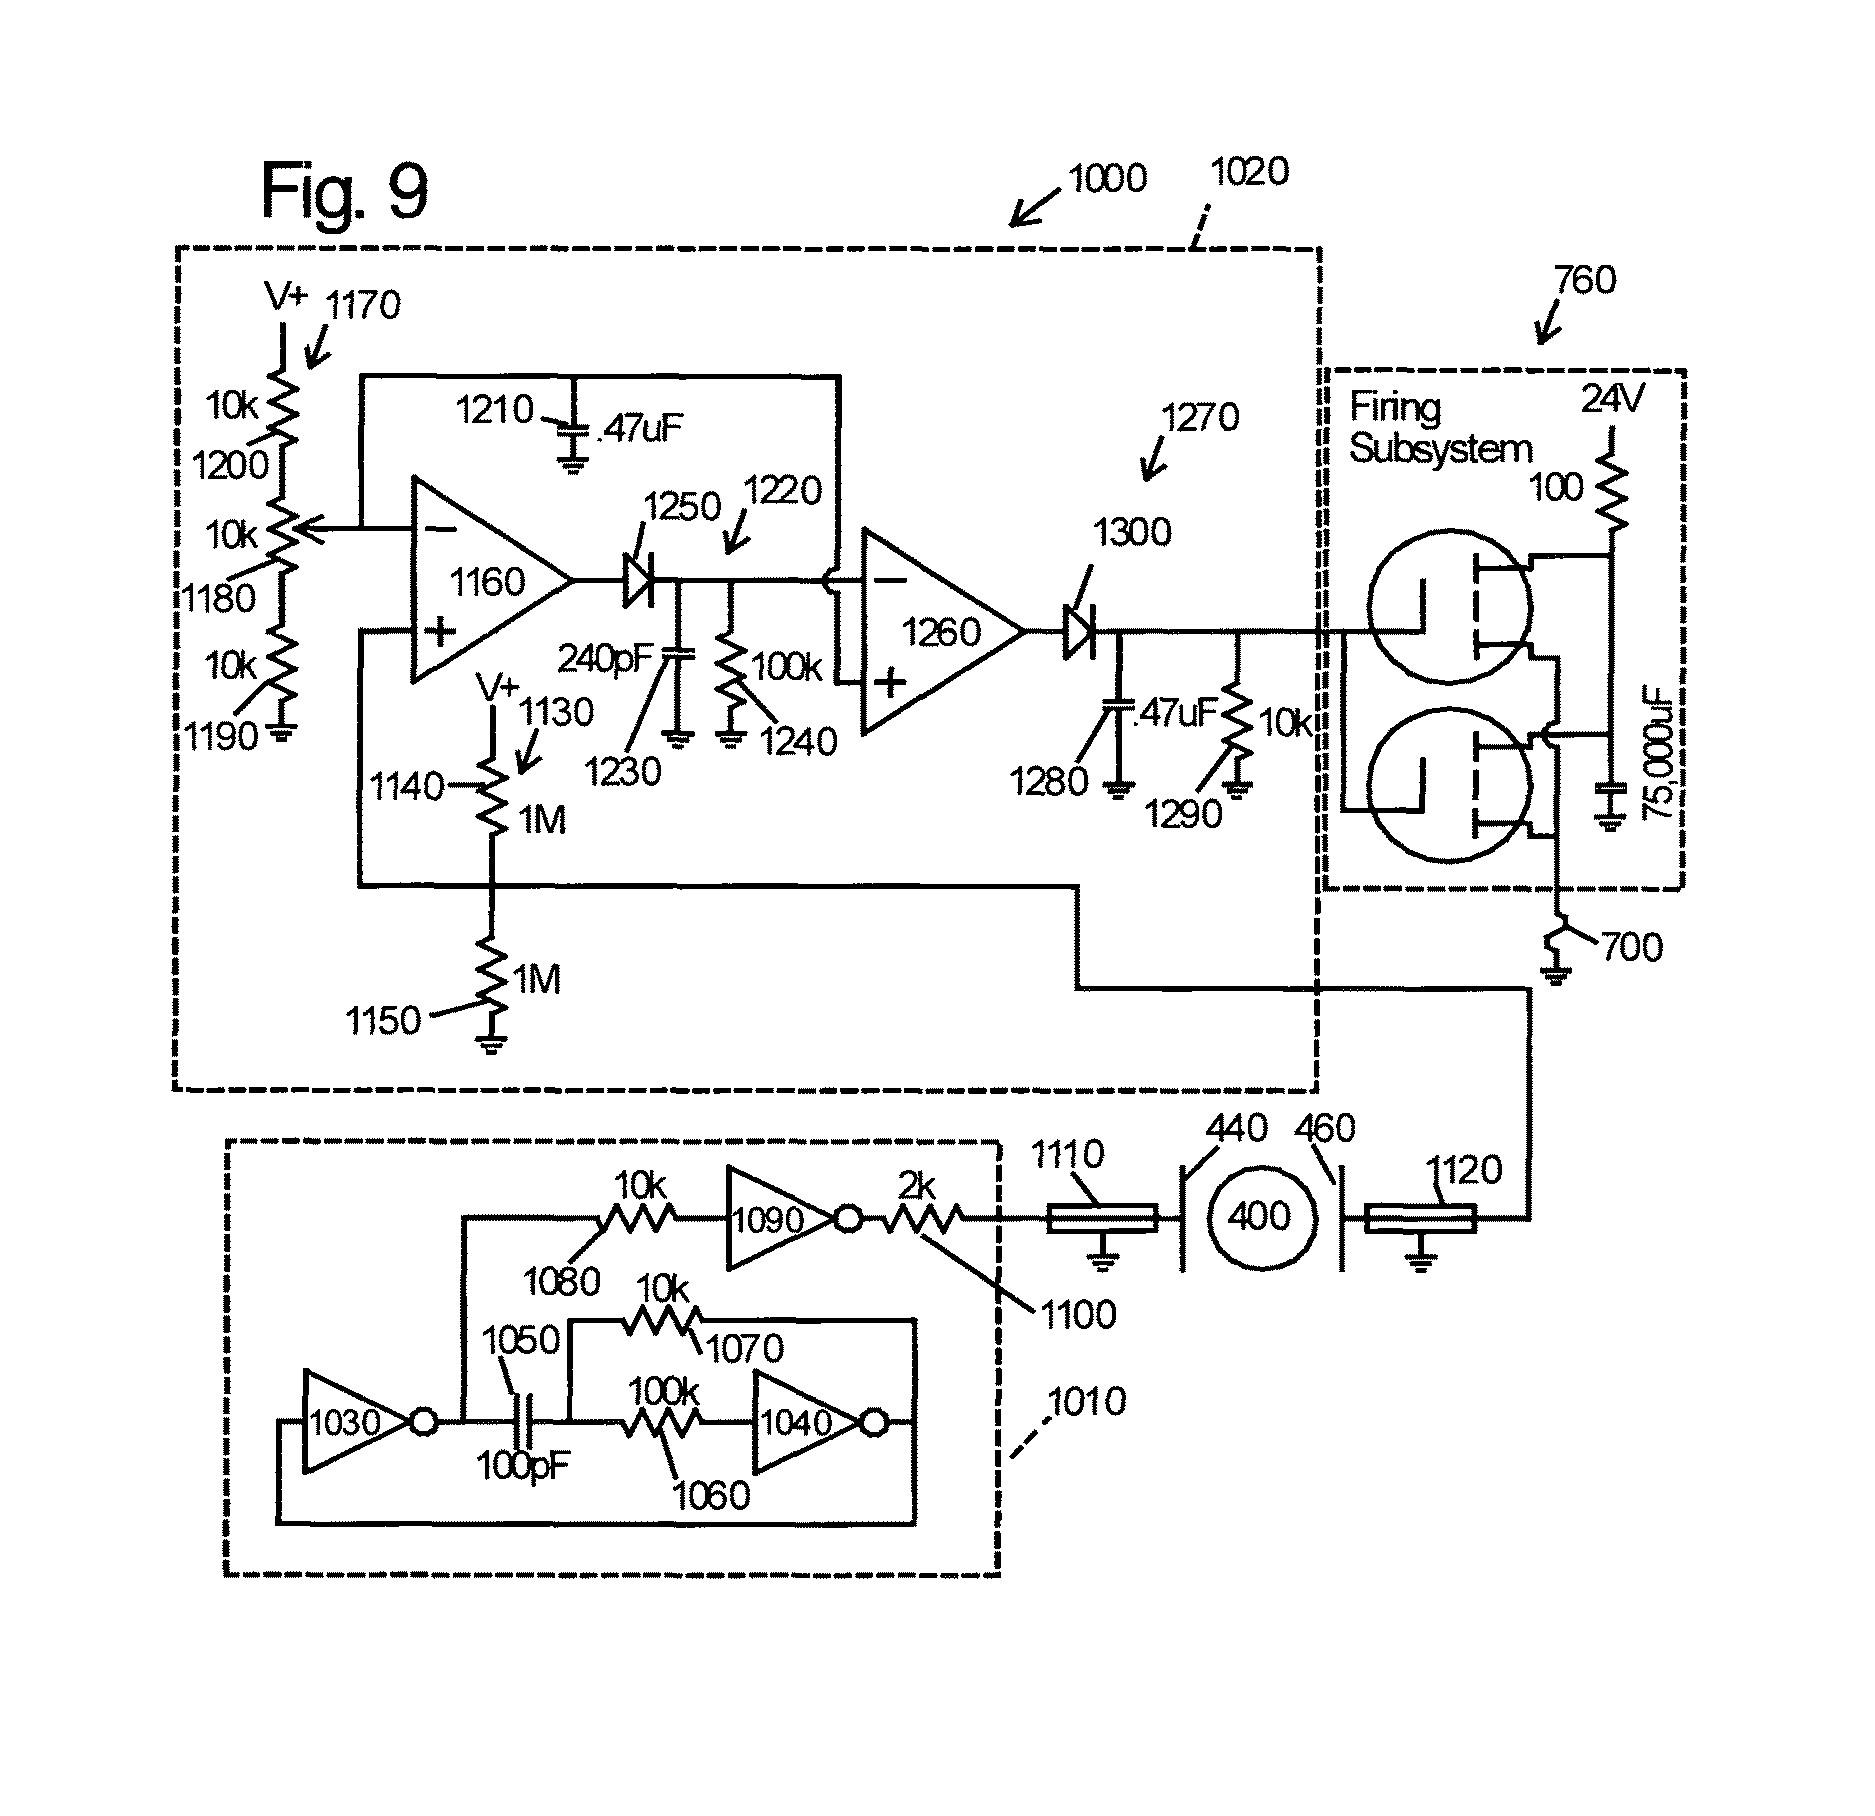 Late John Deere 12 Volt 4020 Diesl Wiring Diagram Patent Us 9 927 796 B2 Of Late John Deere 12 Volt 4020 Diesl Wiring Diagram